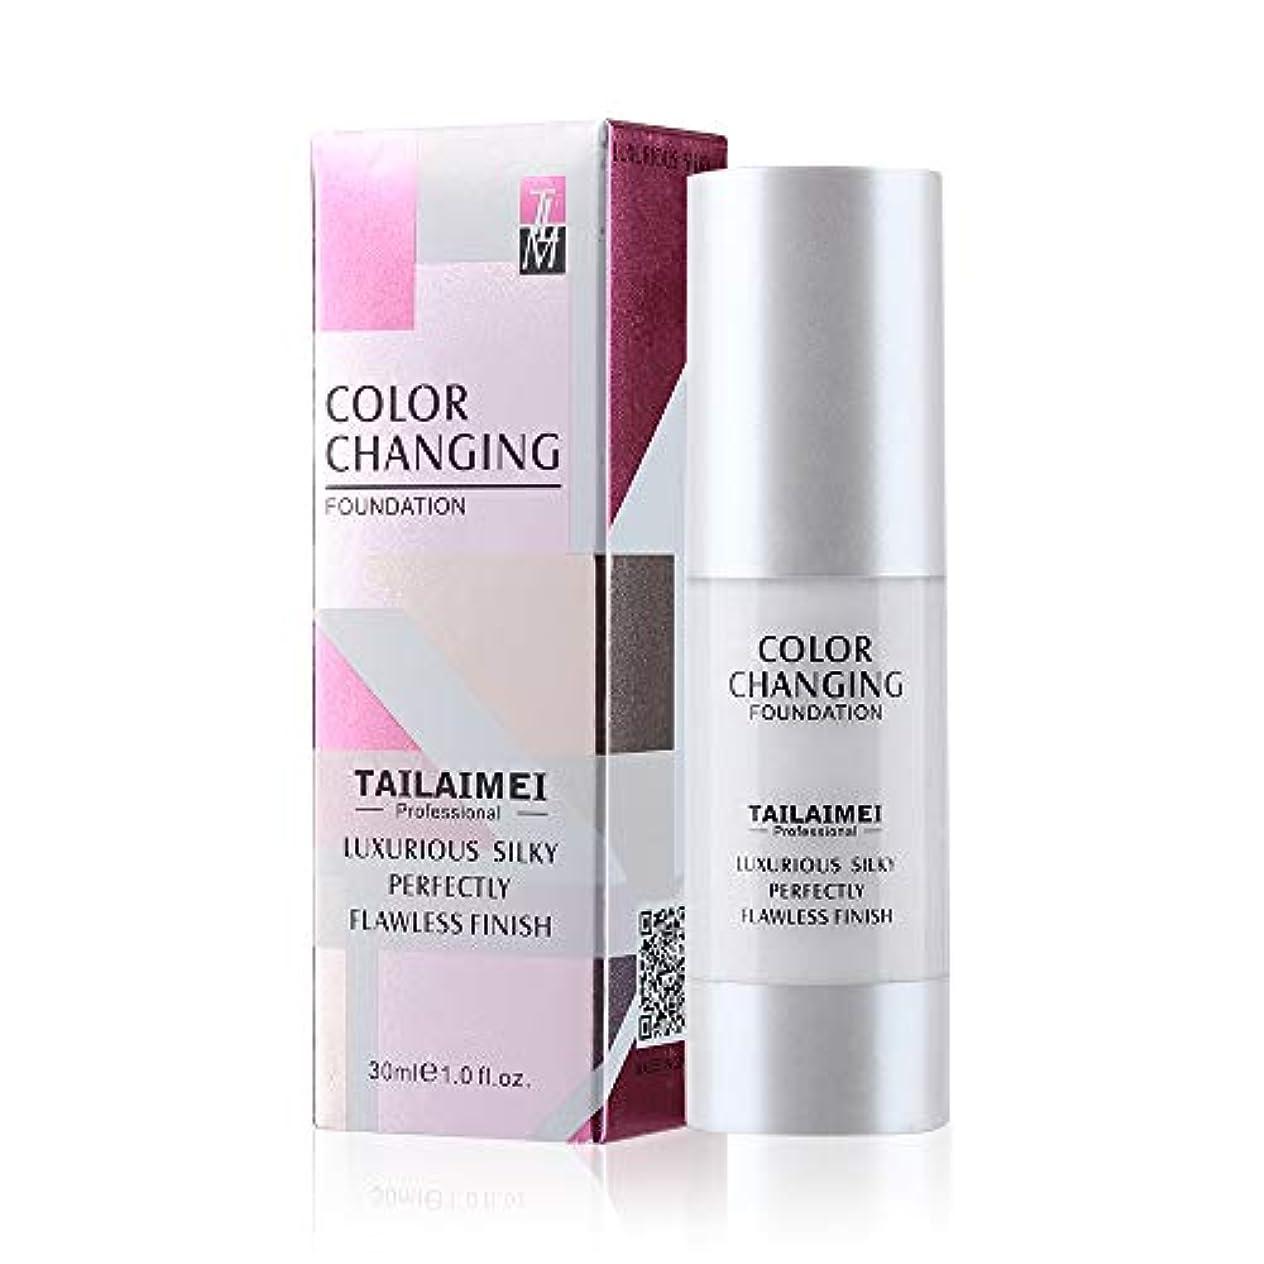 輸血白内障ゾーンちょうど混合することによってあなたの肌のトーンにリキッドファンデーションの化粧変更を変更する30ml TLMの完璧な色